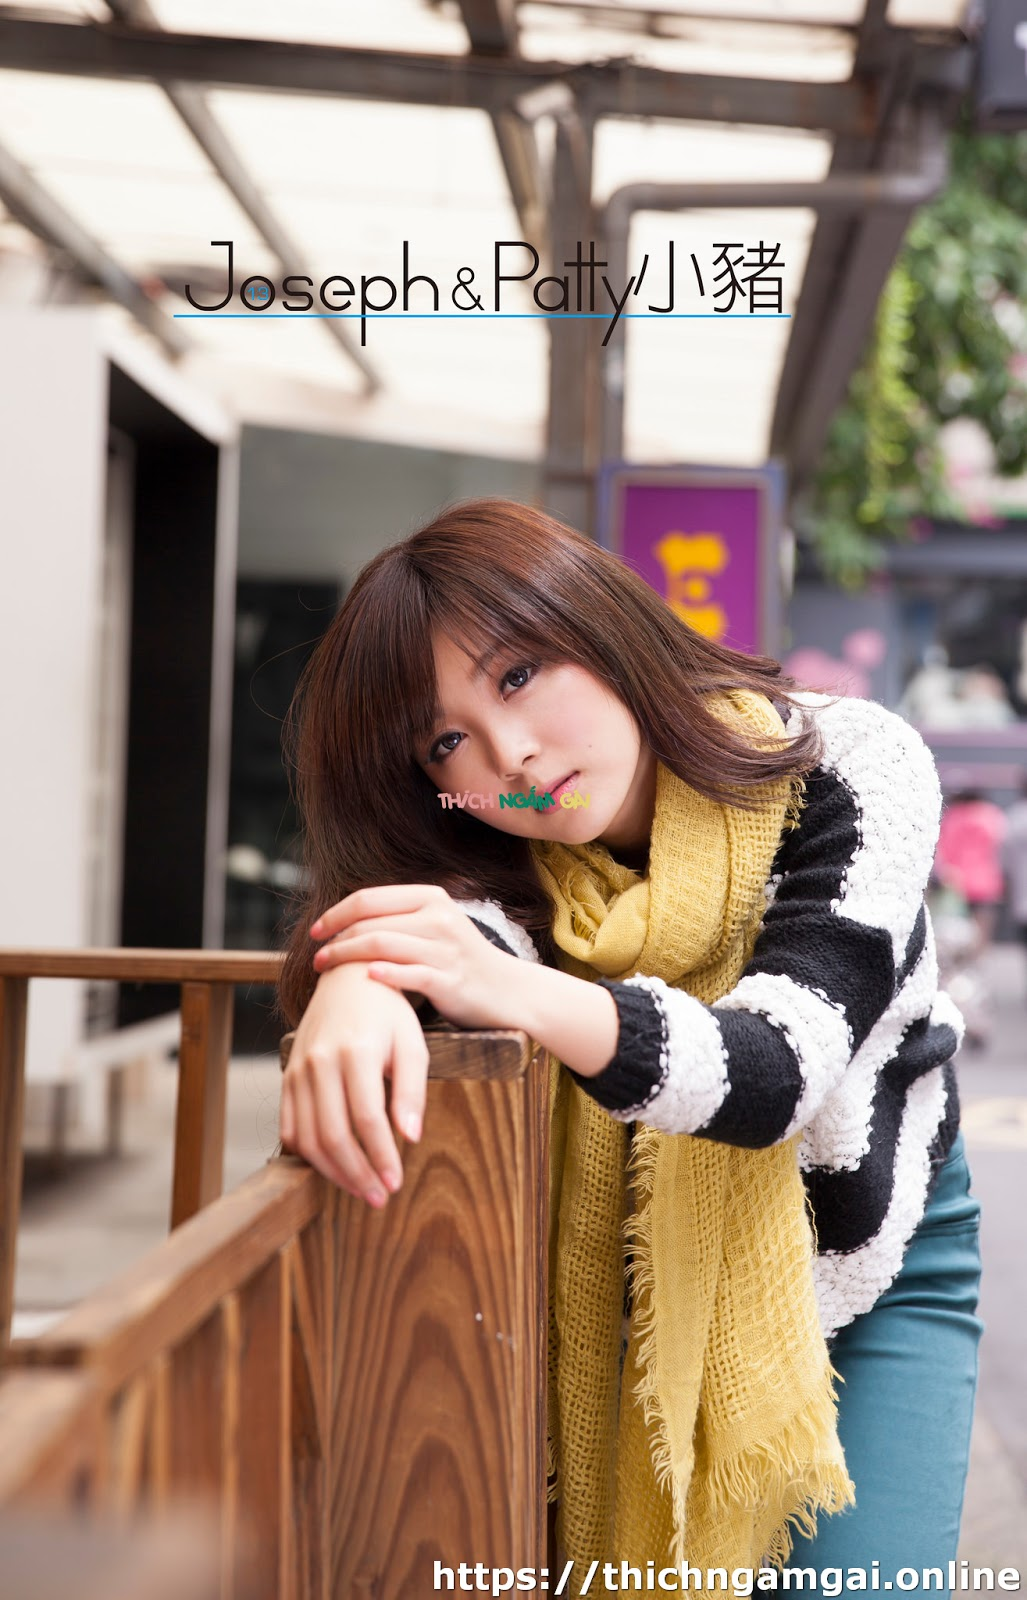 Thích Ngắm Gái 286.%2B_MG_0447%2B%2528Large%2B2048%2529 Tuyển Tập Girls Xinh Việt Nam (Phần 70)